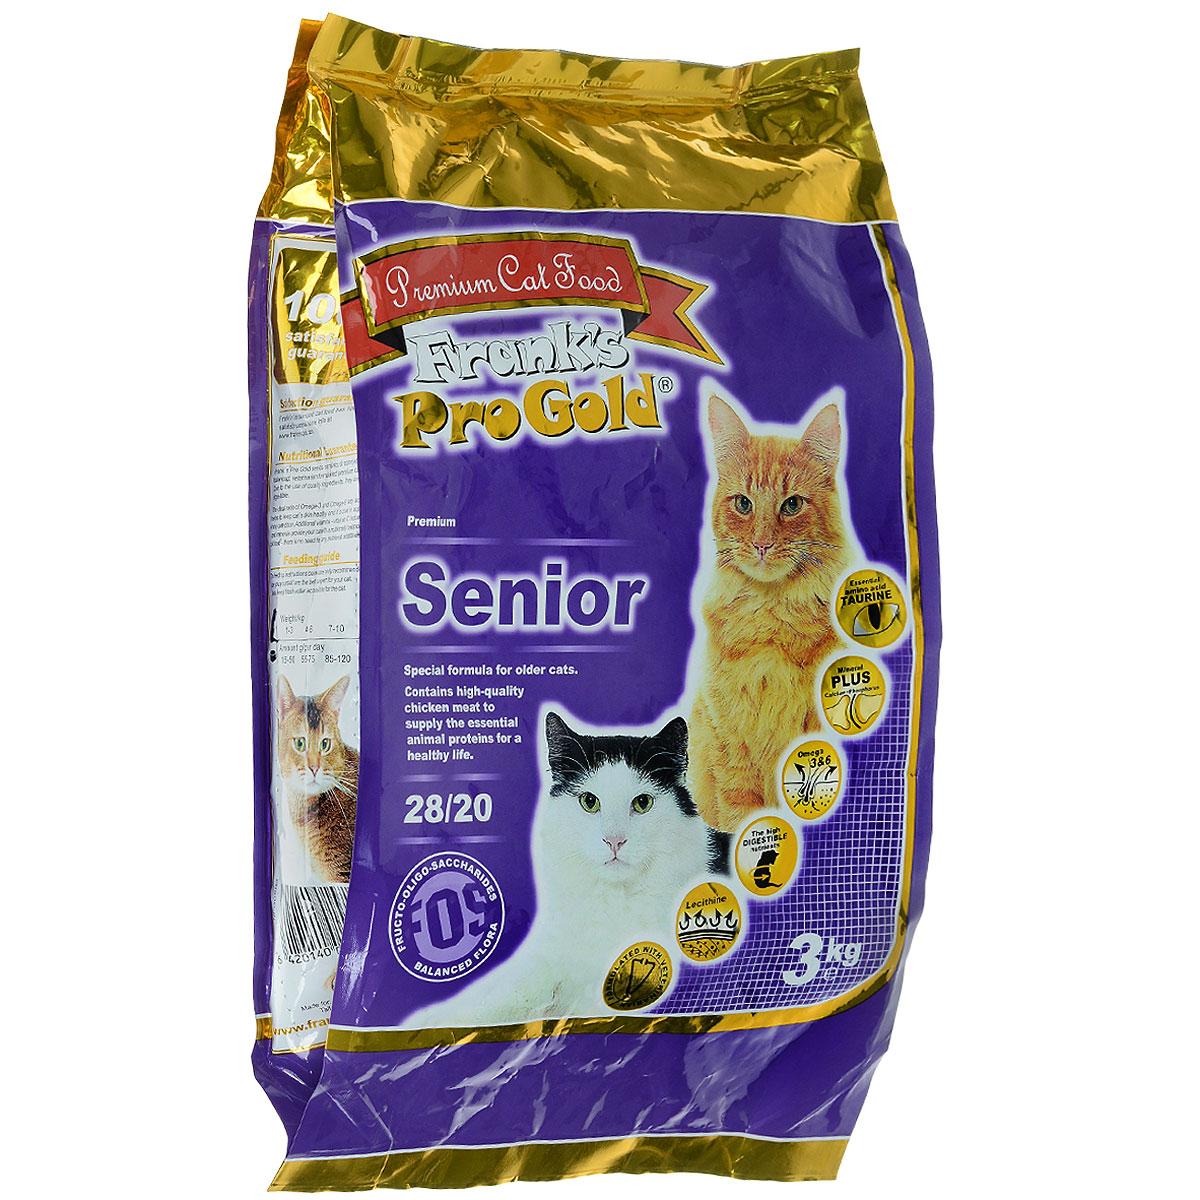 Корм сухой Franks ProGold для пожилых кошек, 3 кг0120710Корм сухой Franks ProGold предназначен для пожилых кошек. Корм повышает иммунитет, помогает сохранить функцию почек, суставов, сердца и других жизненно важных органов.Не содержит пшеницы, соевых добавок, ГМО.Состав: дегидрированное мясо курицы, рис, маис, куриный жир, дегидрированная рыба, ячмень, гидролизованная куриная печень, пищевая целлюлоза (5%), свекла, минералы и витамины, дрожжи, яичный порошок, рыбий жир, инулин (0,5% FOS), лецитин (0,5%), экстракт юкки шидигера, гидролизованные хрящи (источник хондроитина), гидролизованные рачки (источник глюкозамина).Пищевая ценность: елки 28,0%, жиры 20,0%, клетчатка 5,0%, зола 6,0%, влажность 8,0%, фосфор 0,9%, кальций 1,0%.Пищевые добавки: витамин-A (E672) 20000 IU/кг, витамин-D3 (E671) 1800 IU/кг, витамин-E (dl-альфа токоферола ацетат) 400 мг/кг, витамин-C (фосфат аскорбиновой кислоты) 250 мг/кг, таурин 1100 мг/кг, E1 75 мг/кг, E2 1,5 мг/кг, E3 0,5 мг/кг, E4 5 мг/кг, E5 30 мг/кг, E6 65 мг/кг. Товар сертифицирован.